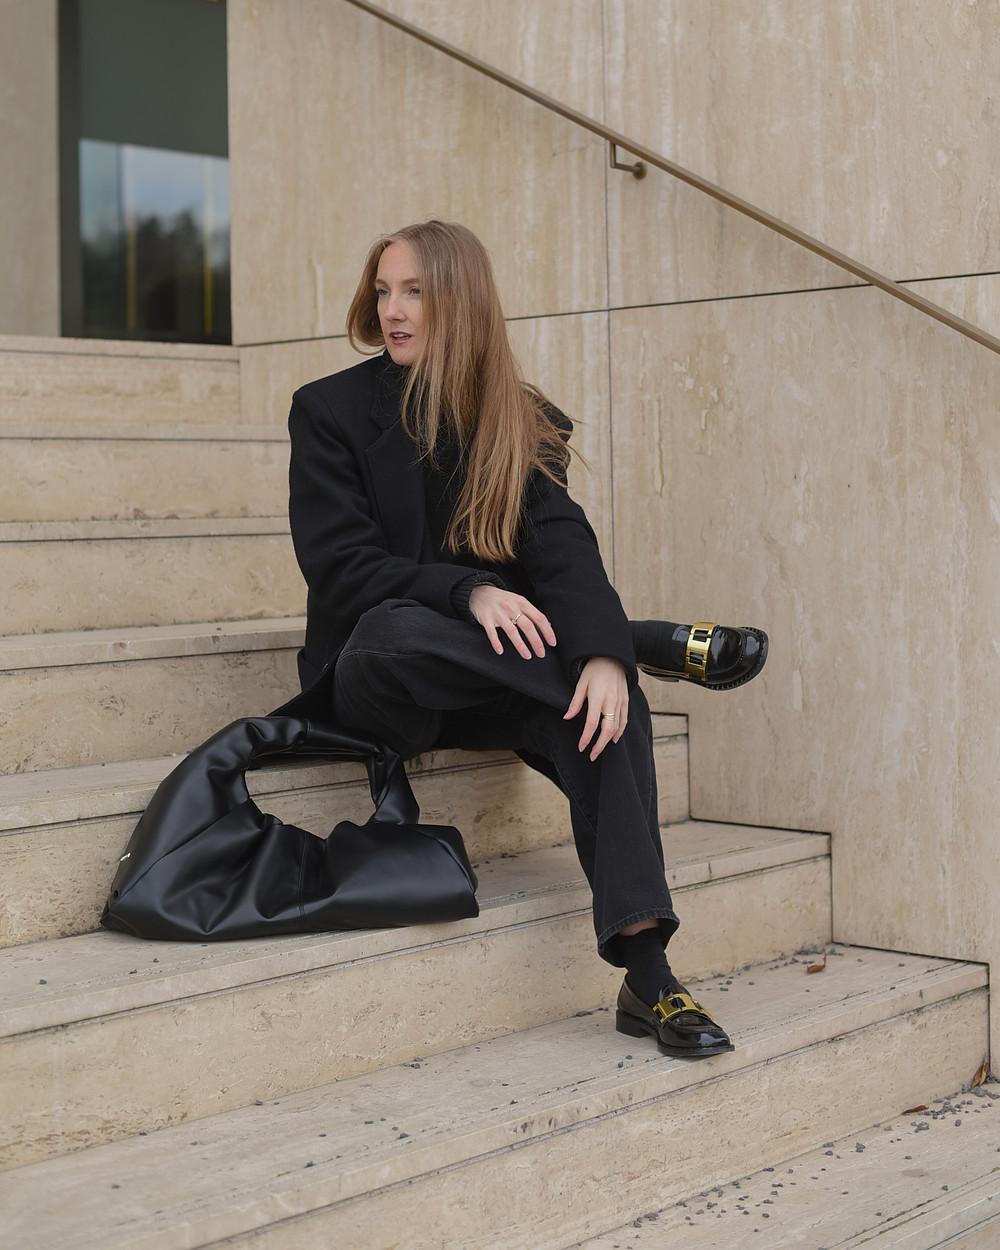 Allblack outfit s výraznými doplňky. Kabelka a boty Gino Rossi (CCC shoes), džíny Levi's a sako ze sekáče.